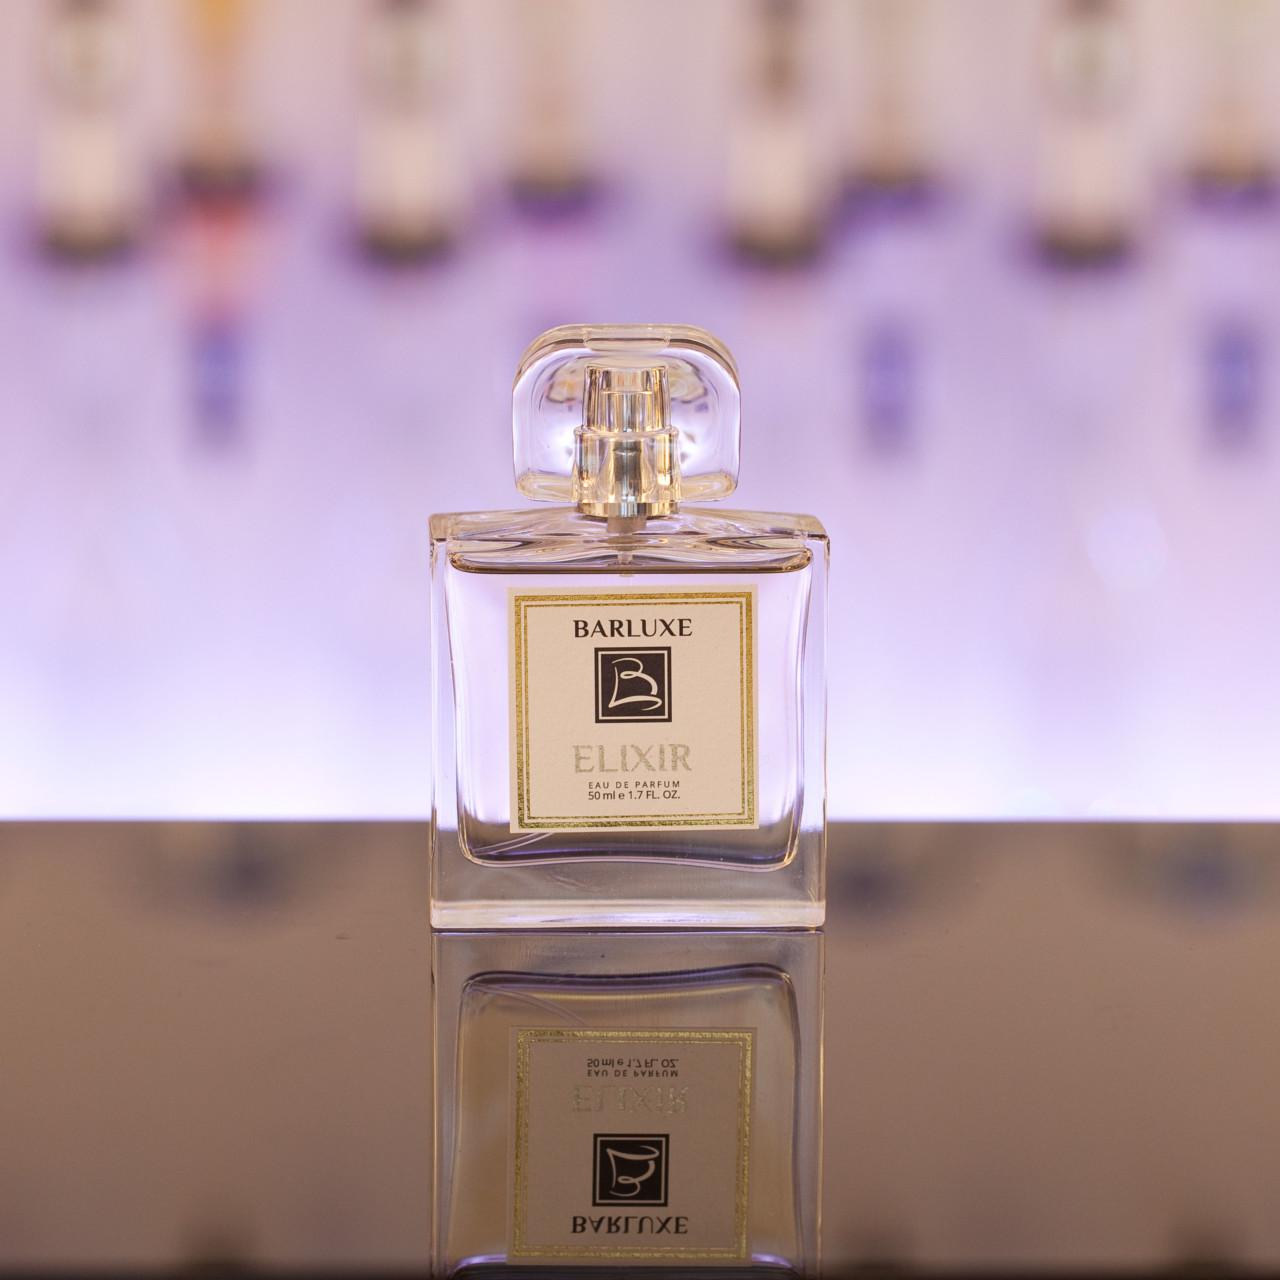 damen-parfum-dupe-double-duft-duftzwilling-elixir